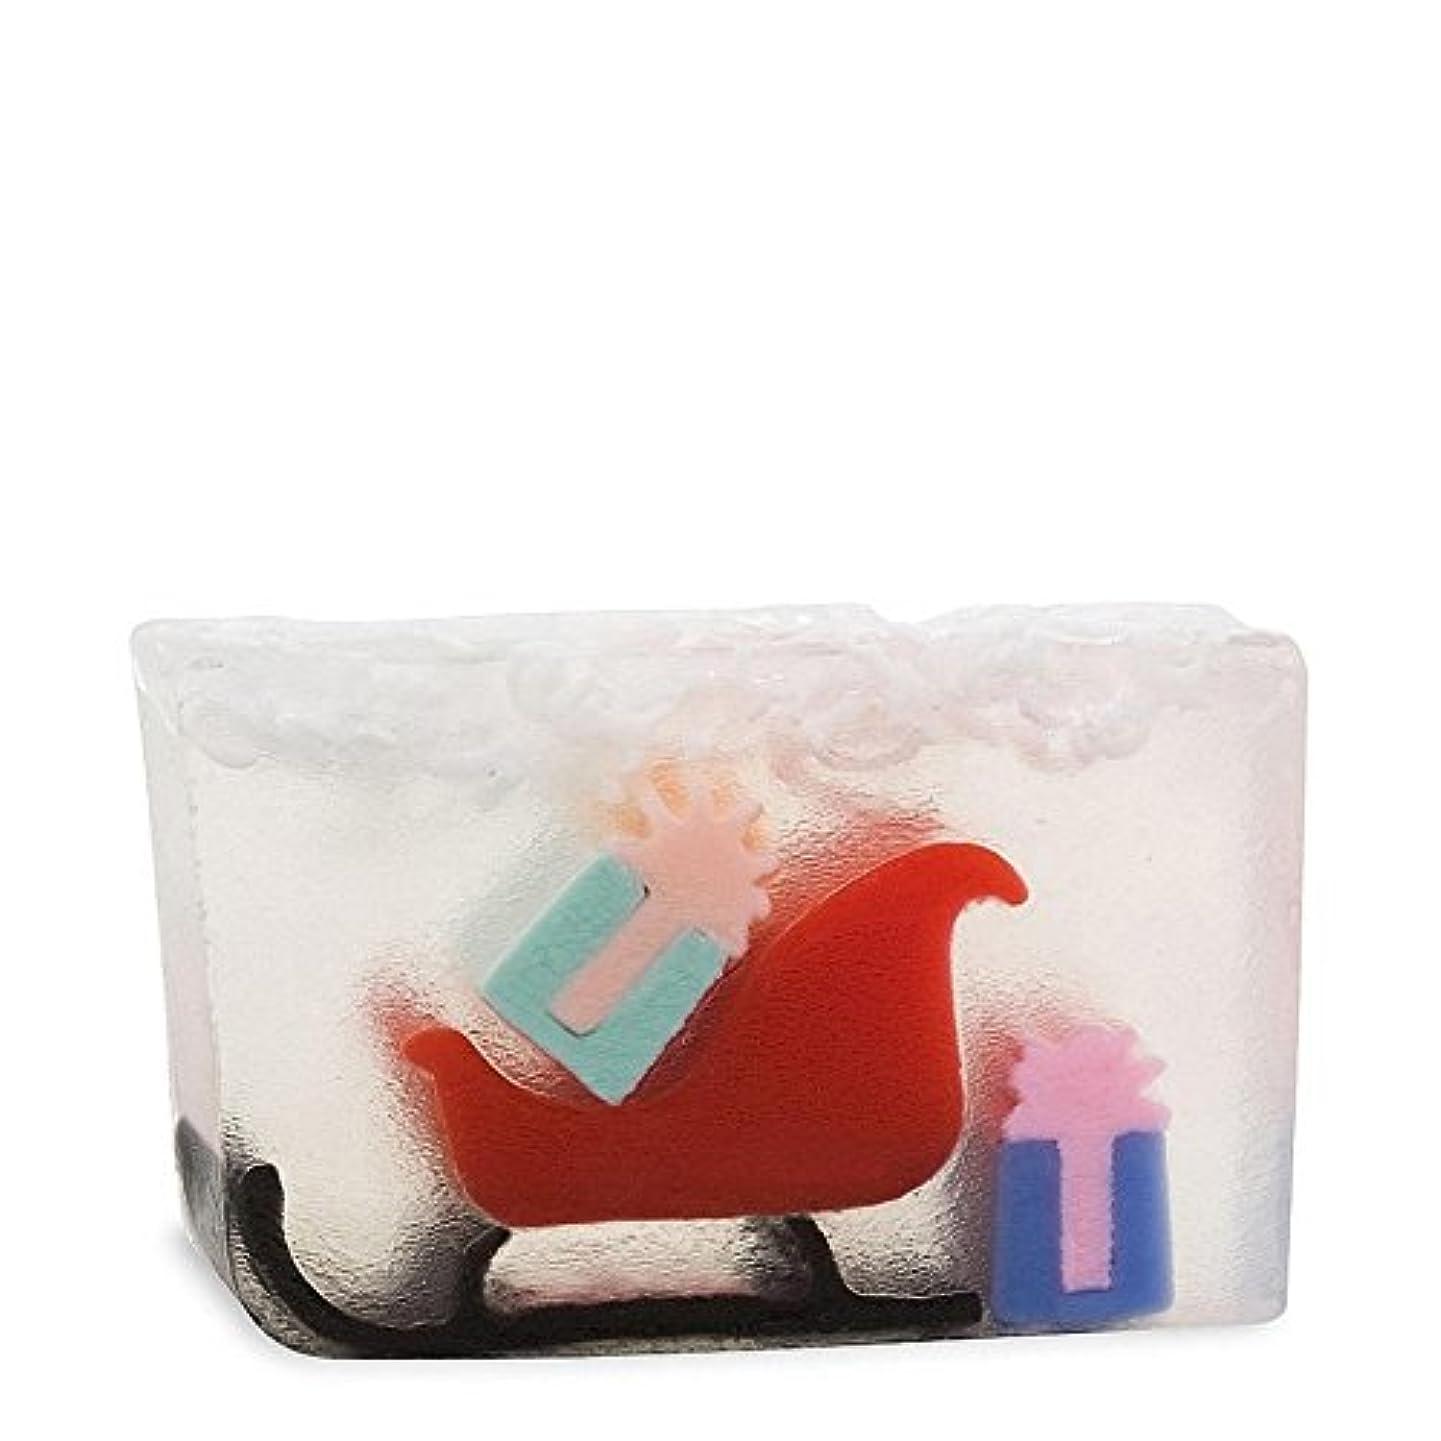 パイント均等に隠す原始要素のサンタのそり x2 - Primal Elements Santas Sleigh (Pack of 2) [並行輸入品]